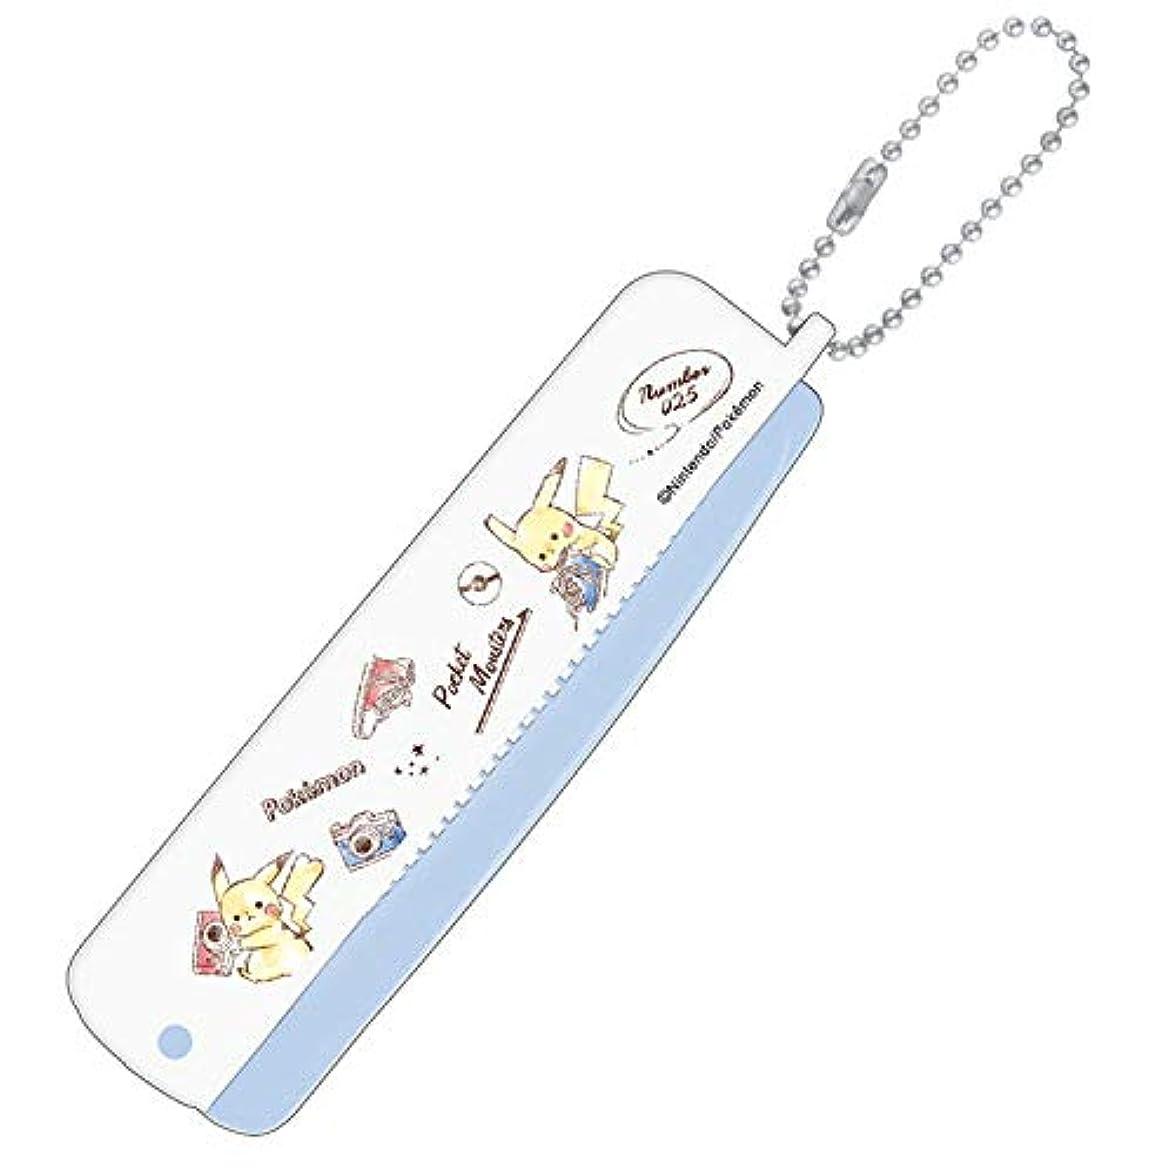 【ポケットモンスター】折りブラシ&コーム(スニーカー) 099056